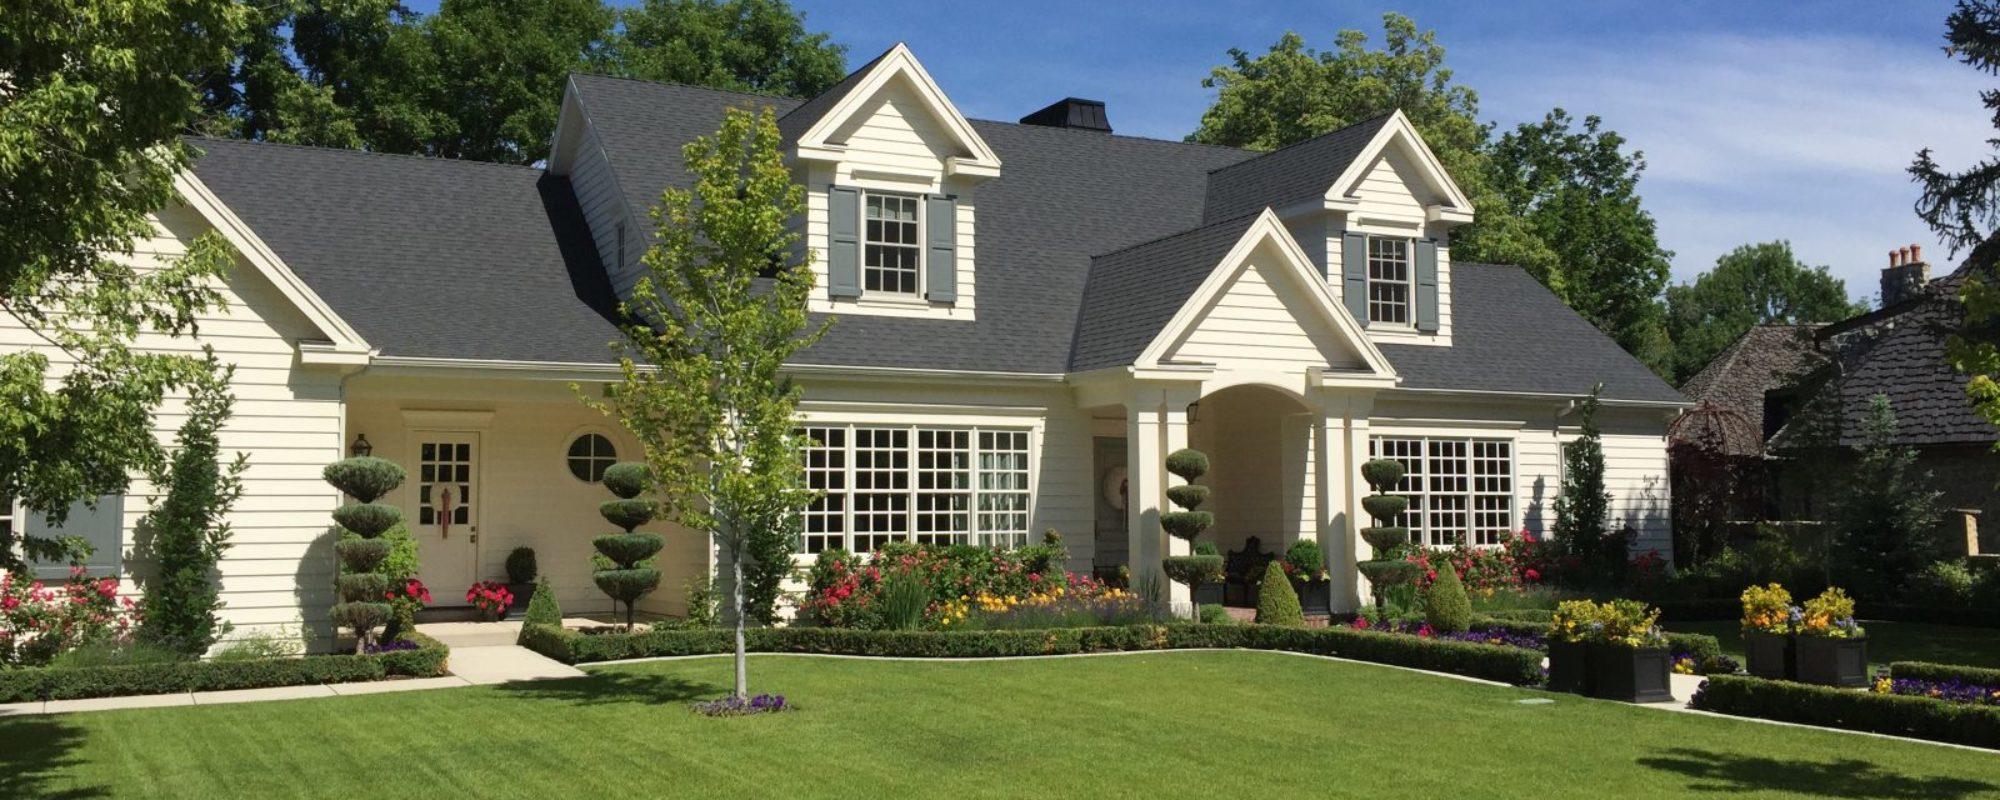 Buy a Home in Utah!